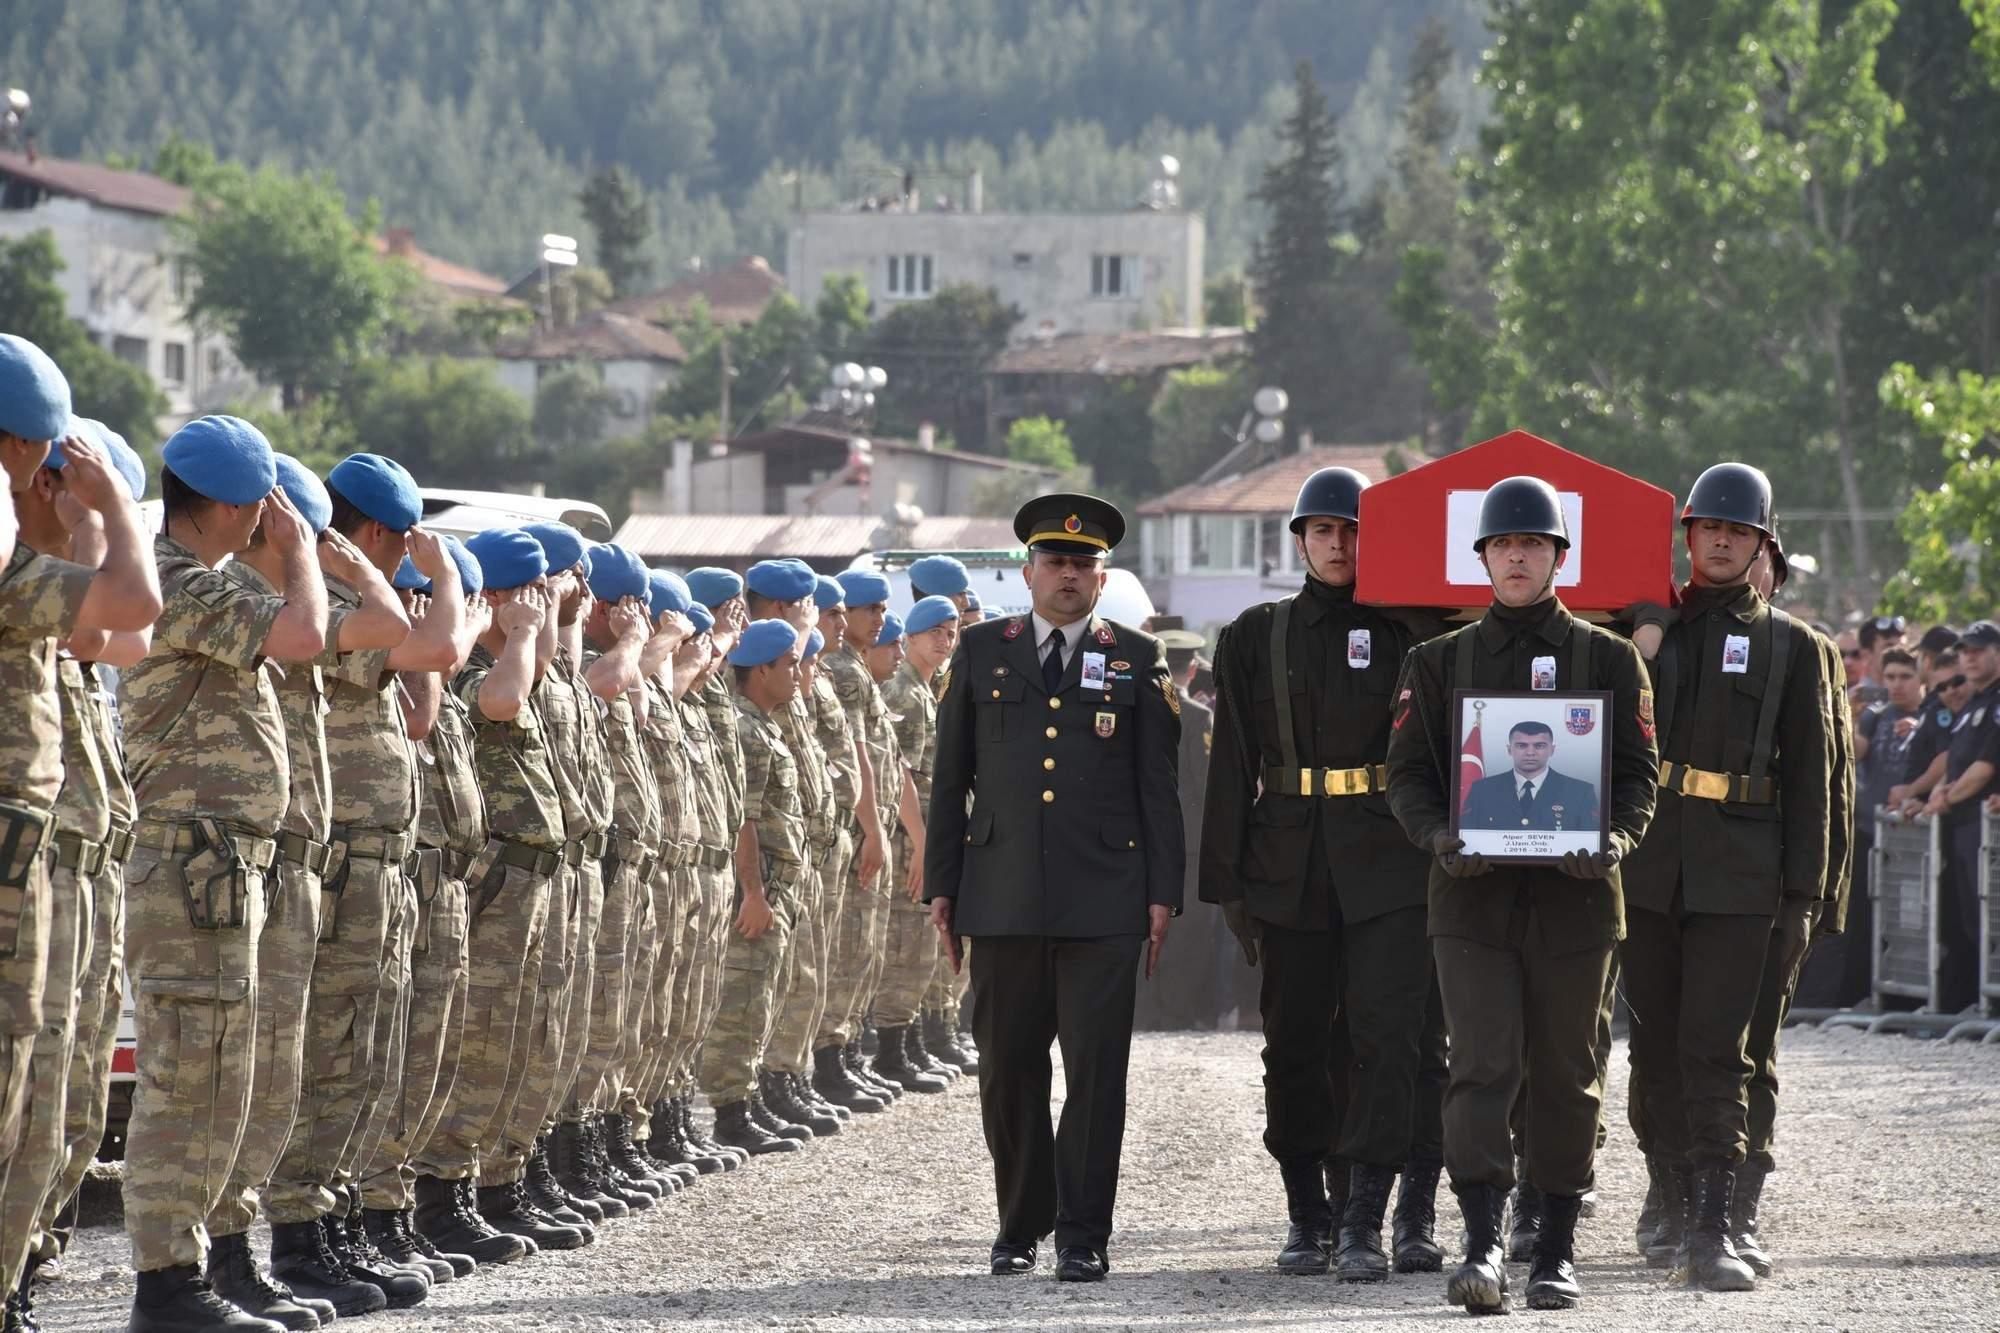 Şehit Uzman Onbaşı Alper Seven, Son Yolculuğuna Uğurlandı